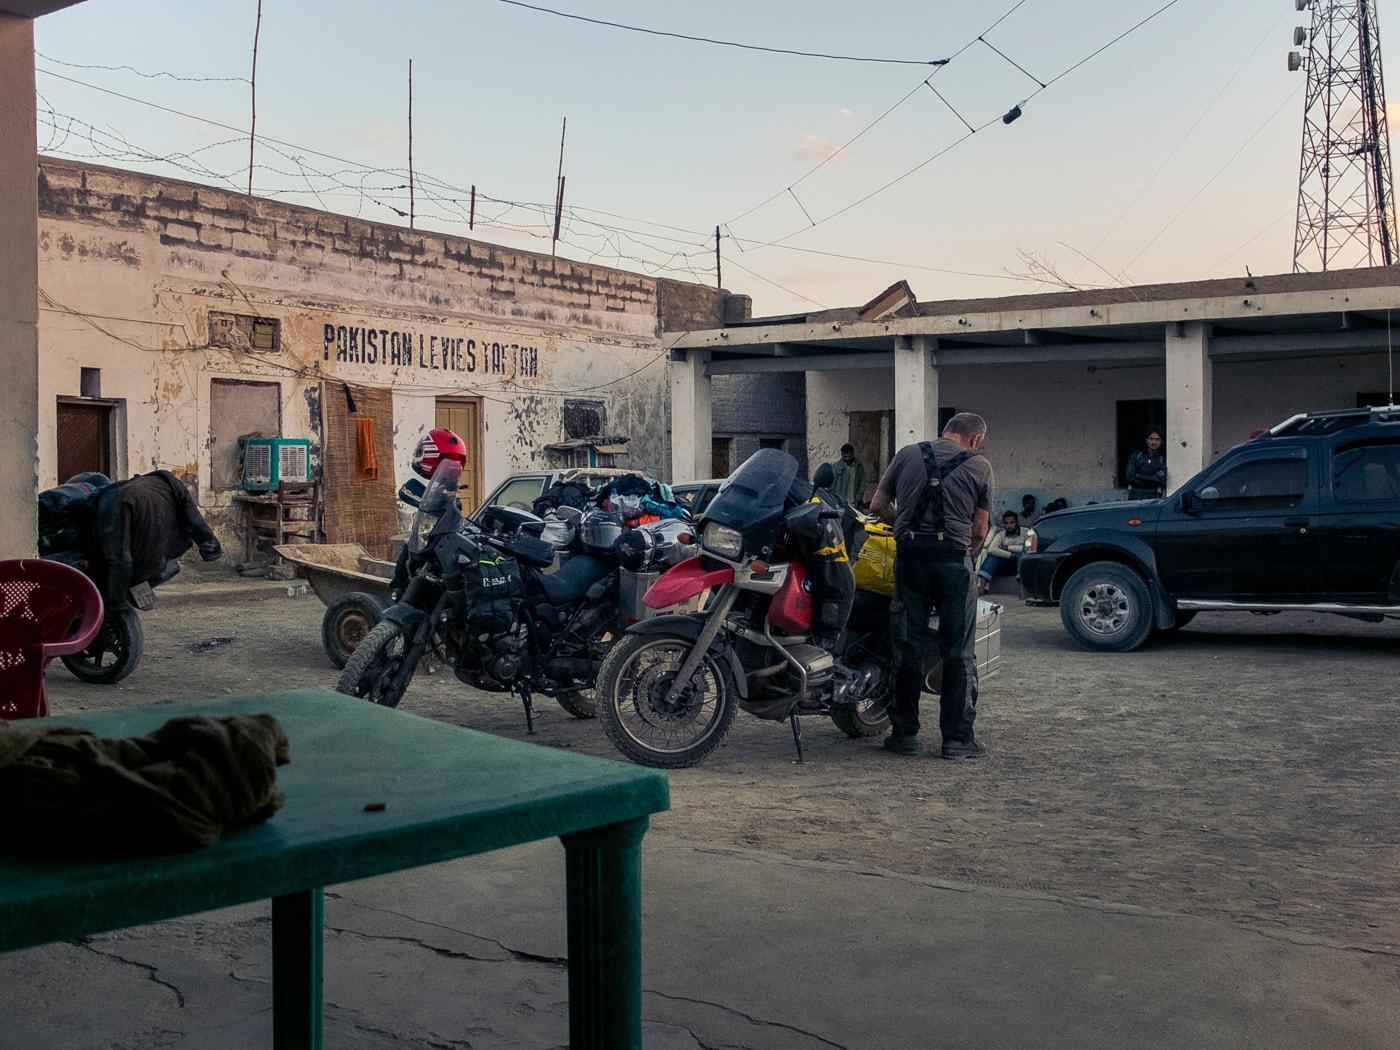 la scorta stazione polizia confine